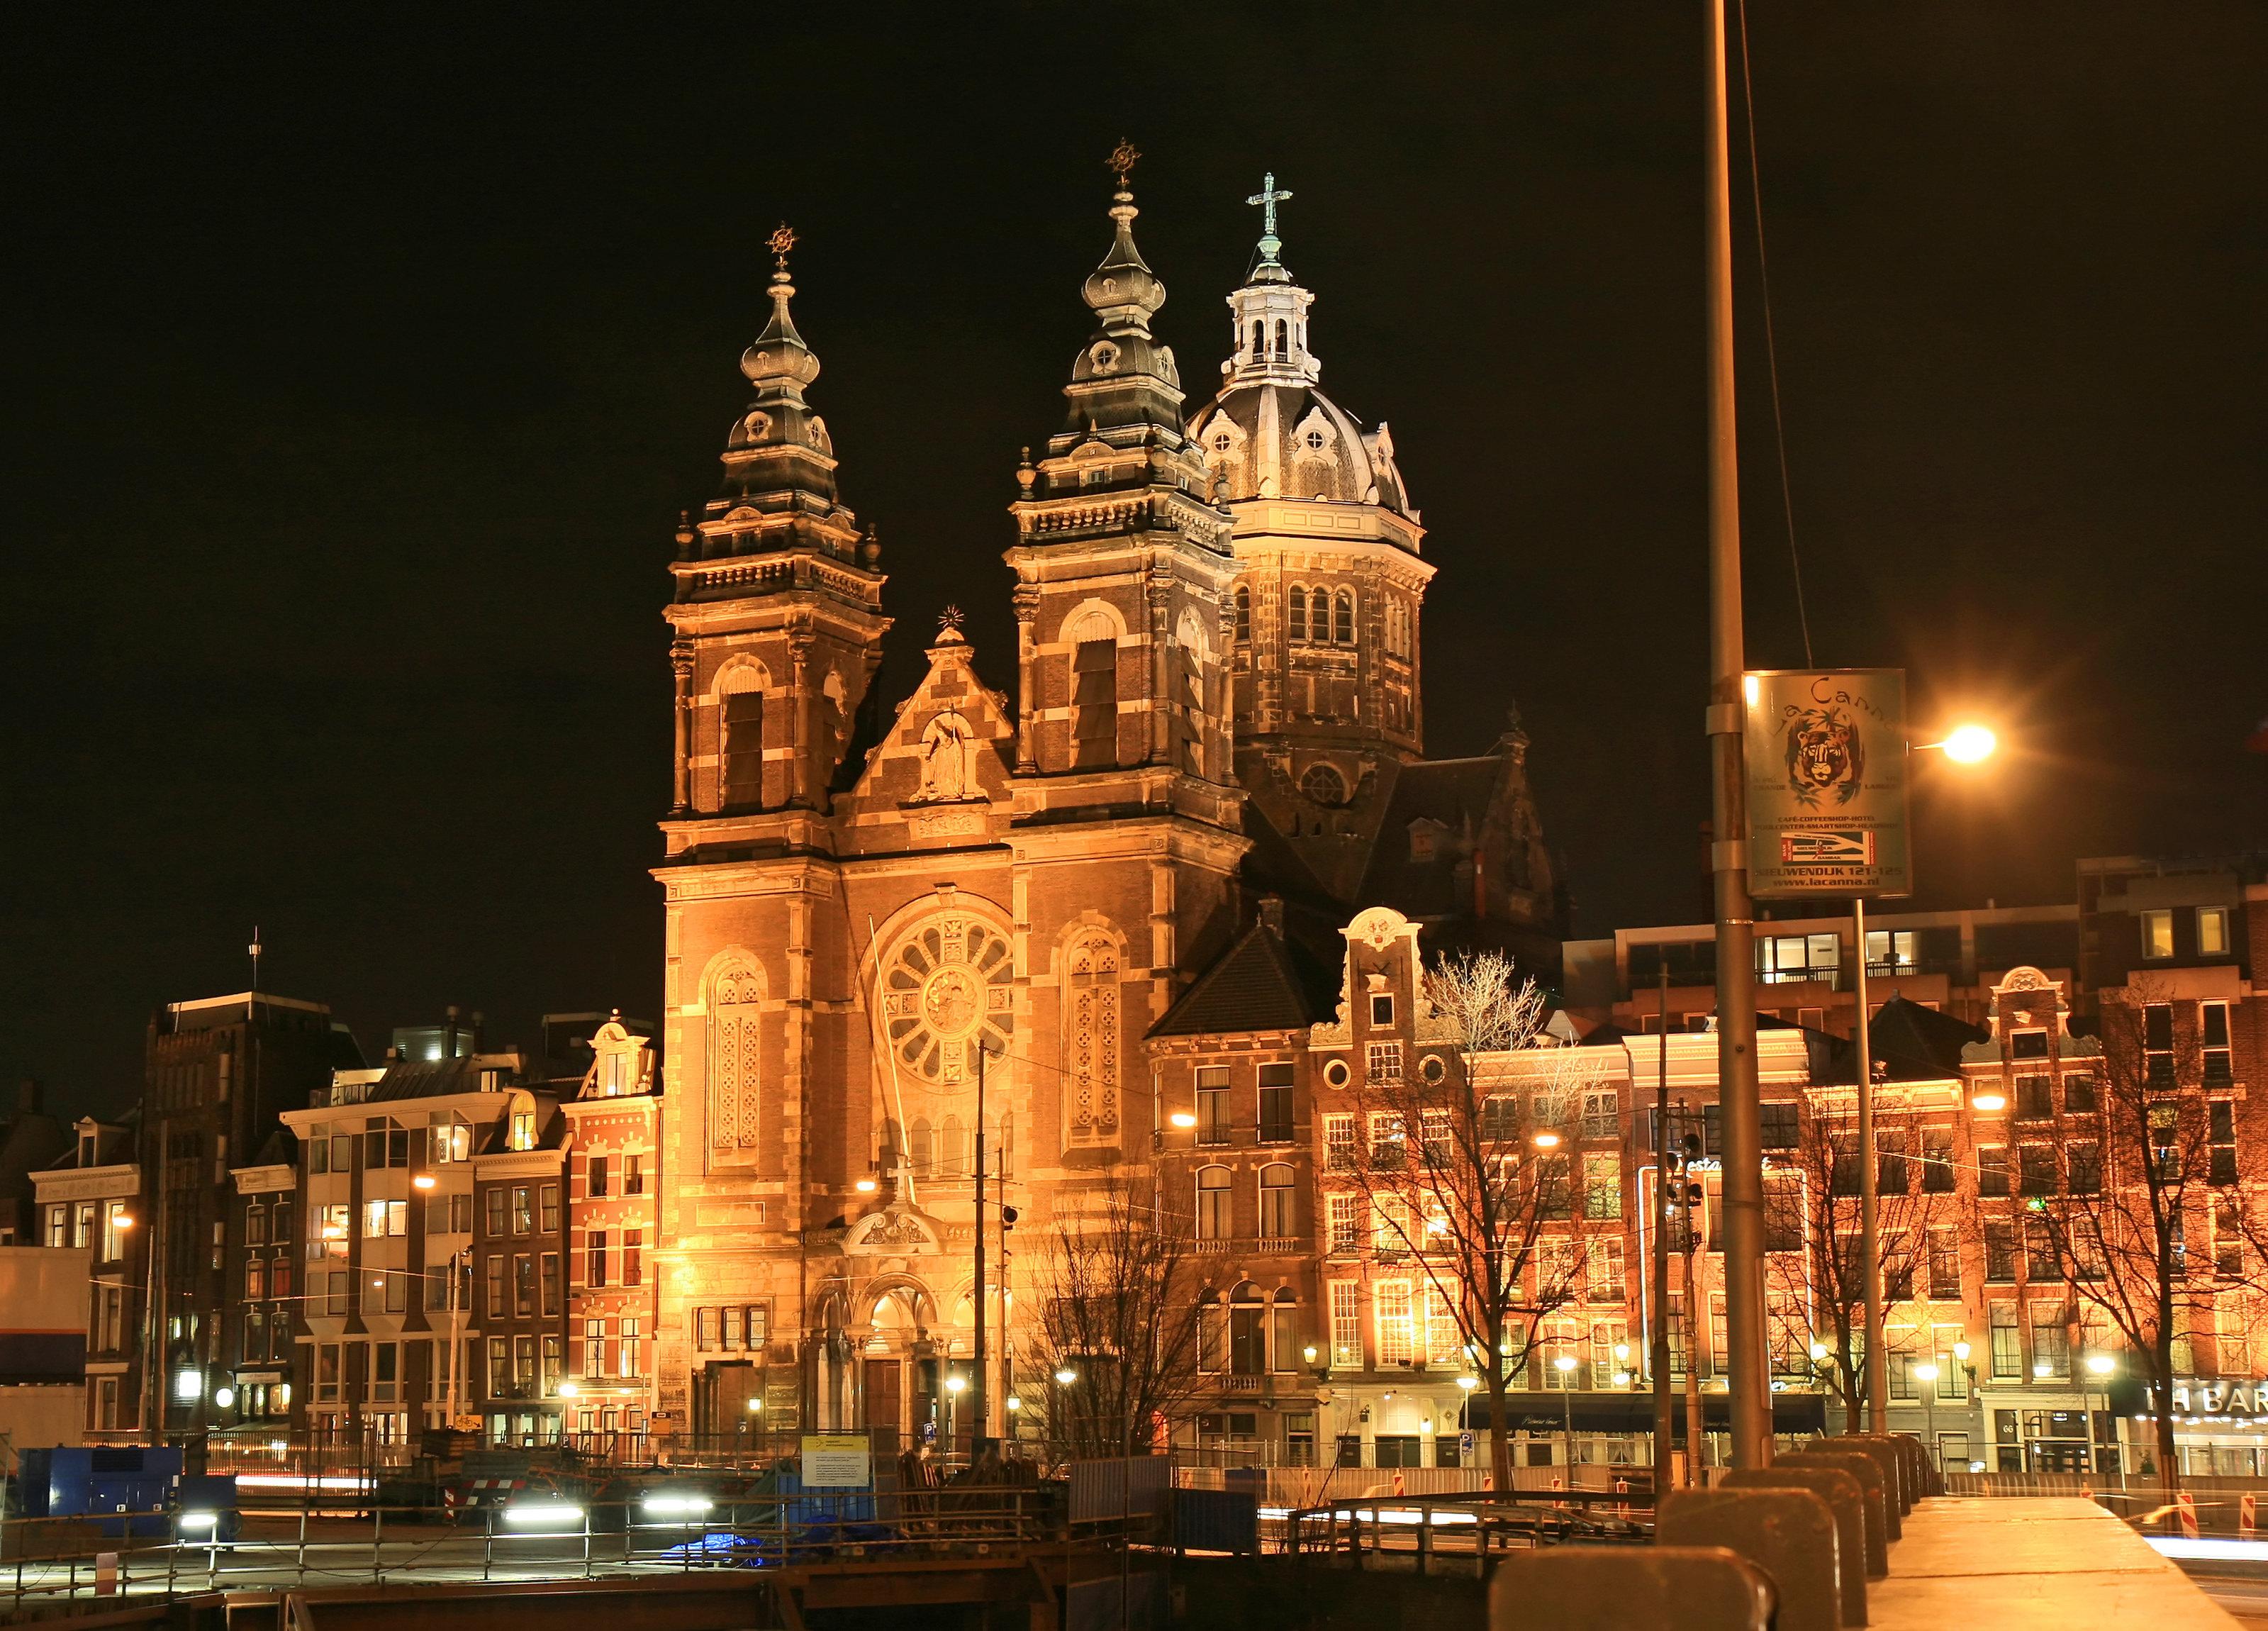 阿姆斯特丹圣尼古拉斯教堂  Church of Saint Nicholas   -2